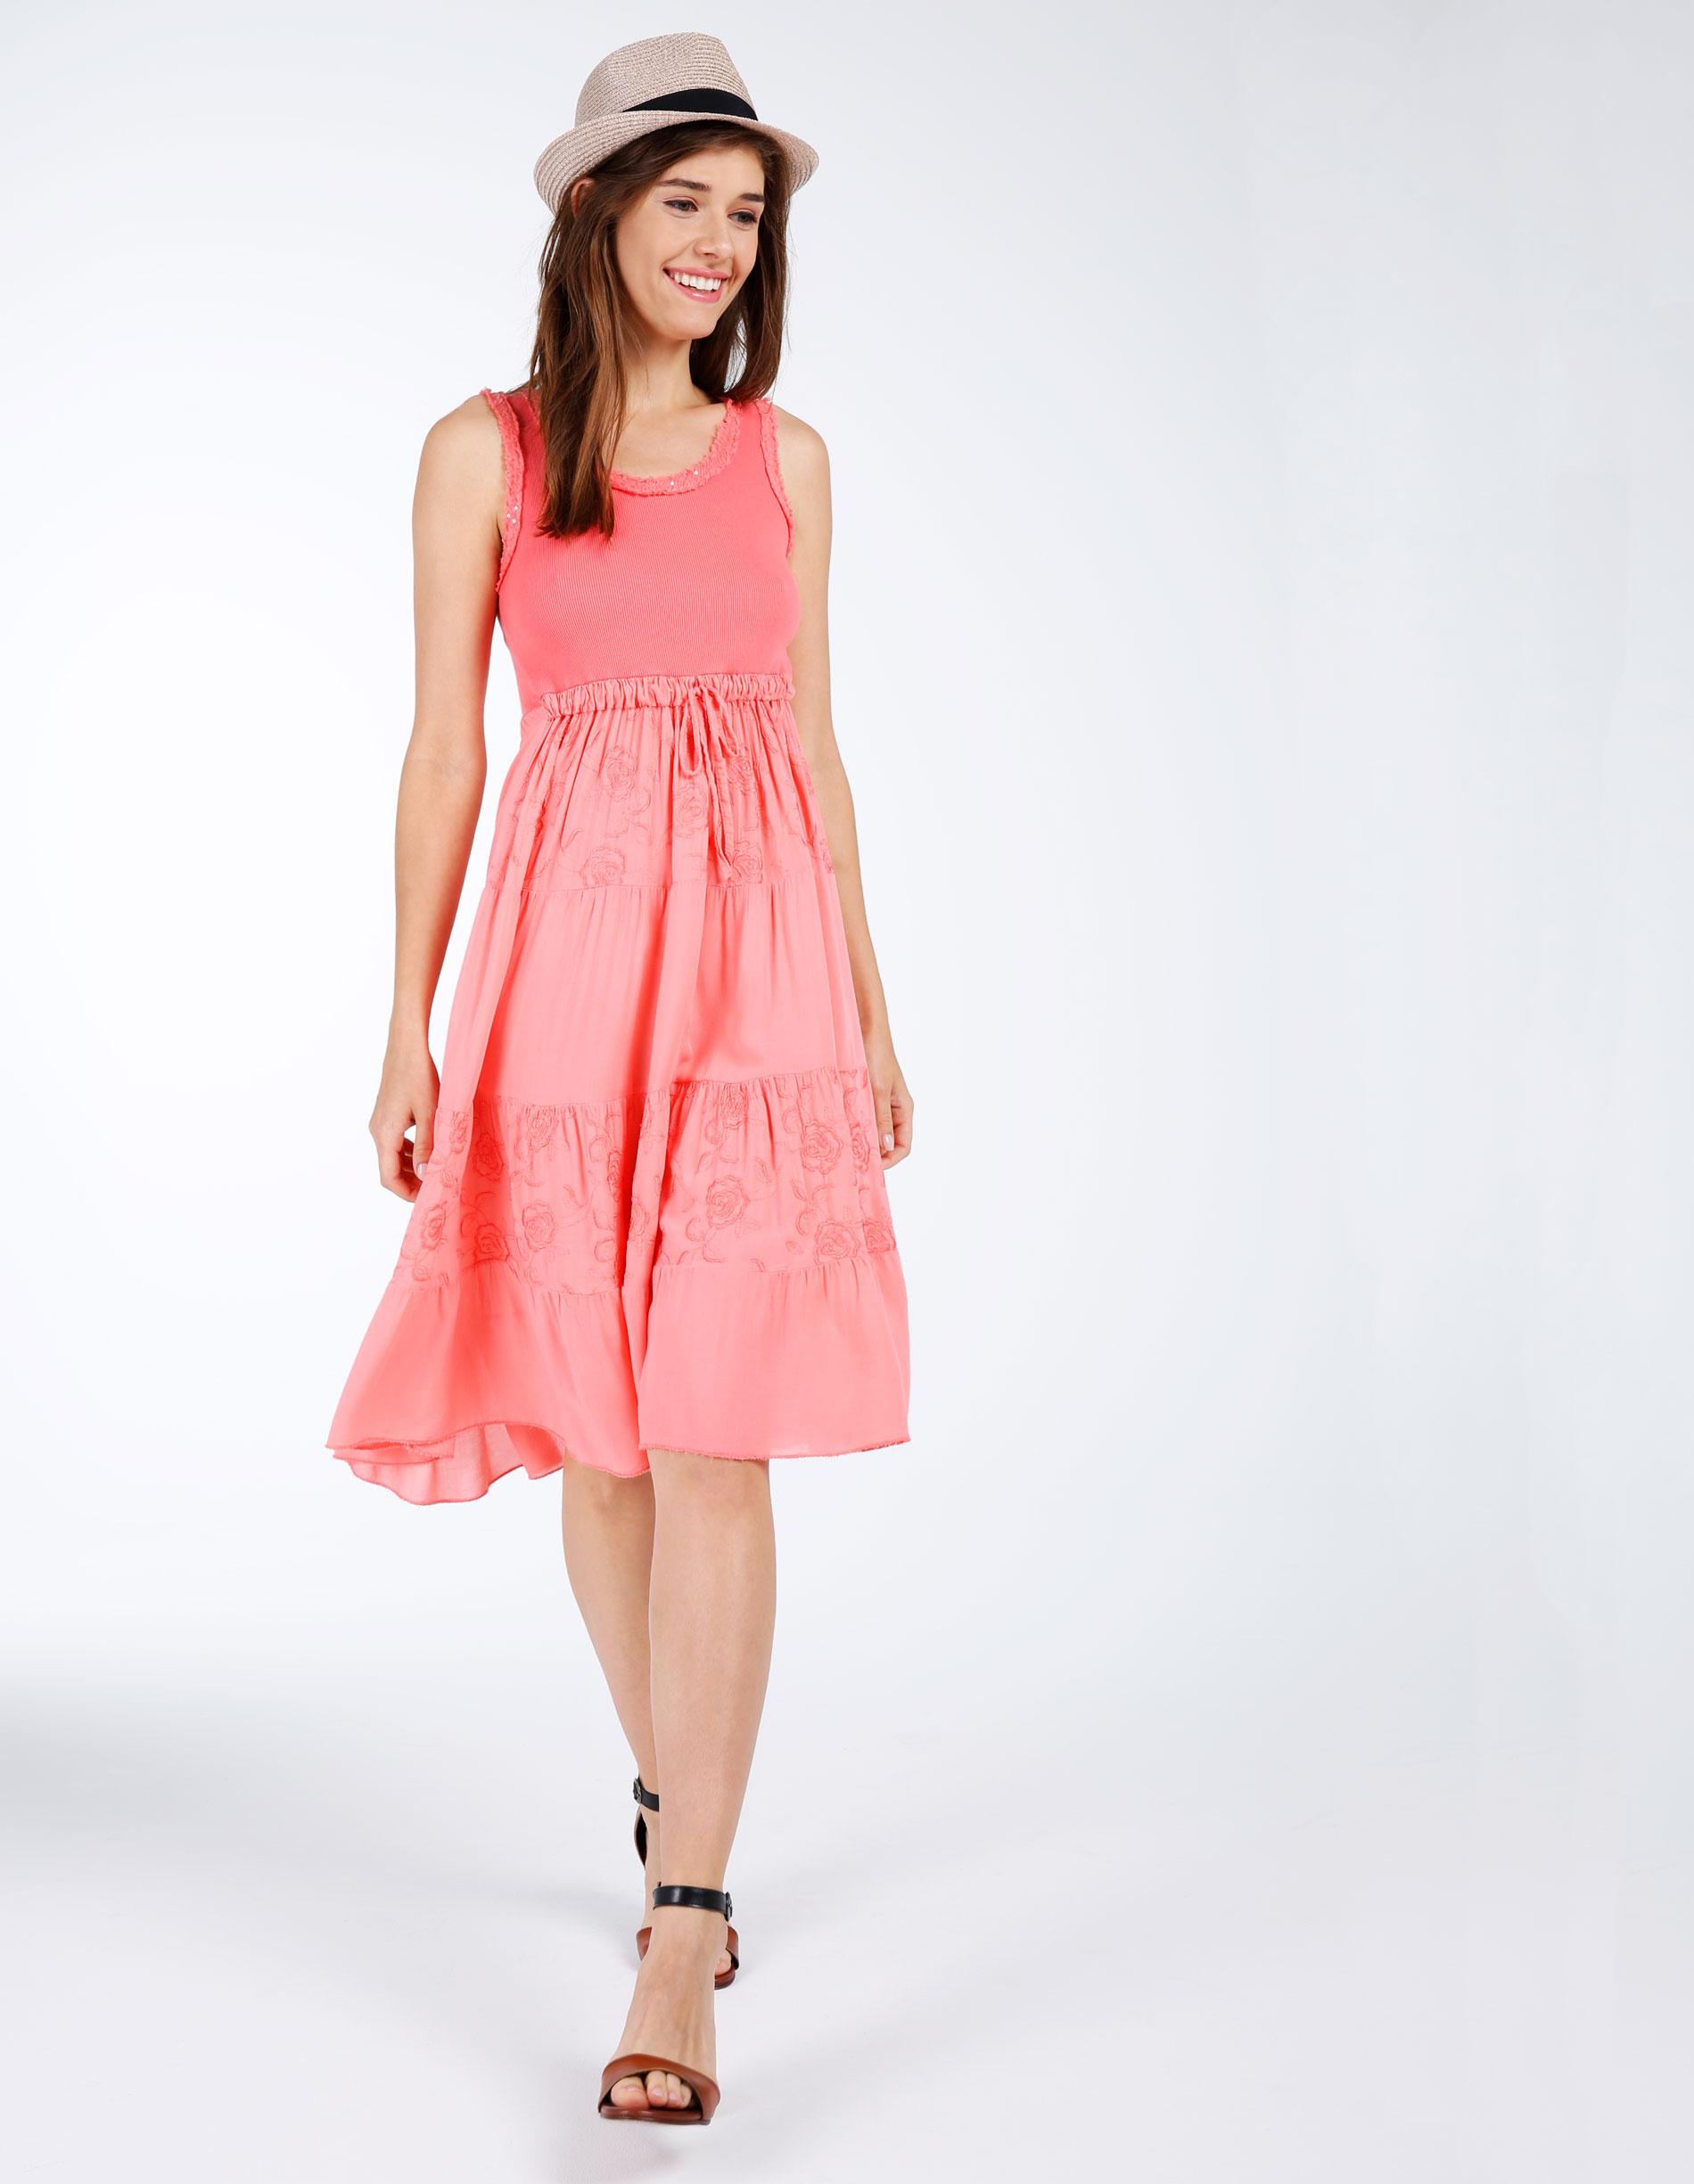 Sukienka - 36-8618 CORAL - Unisono